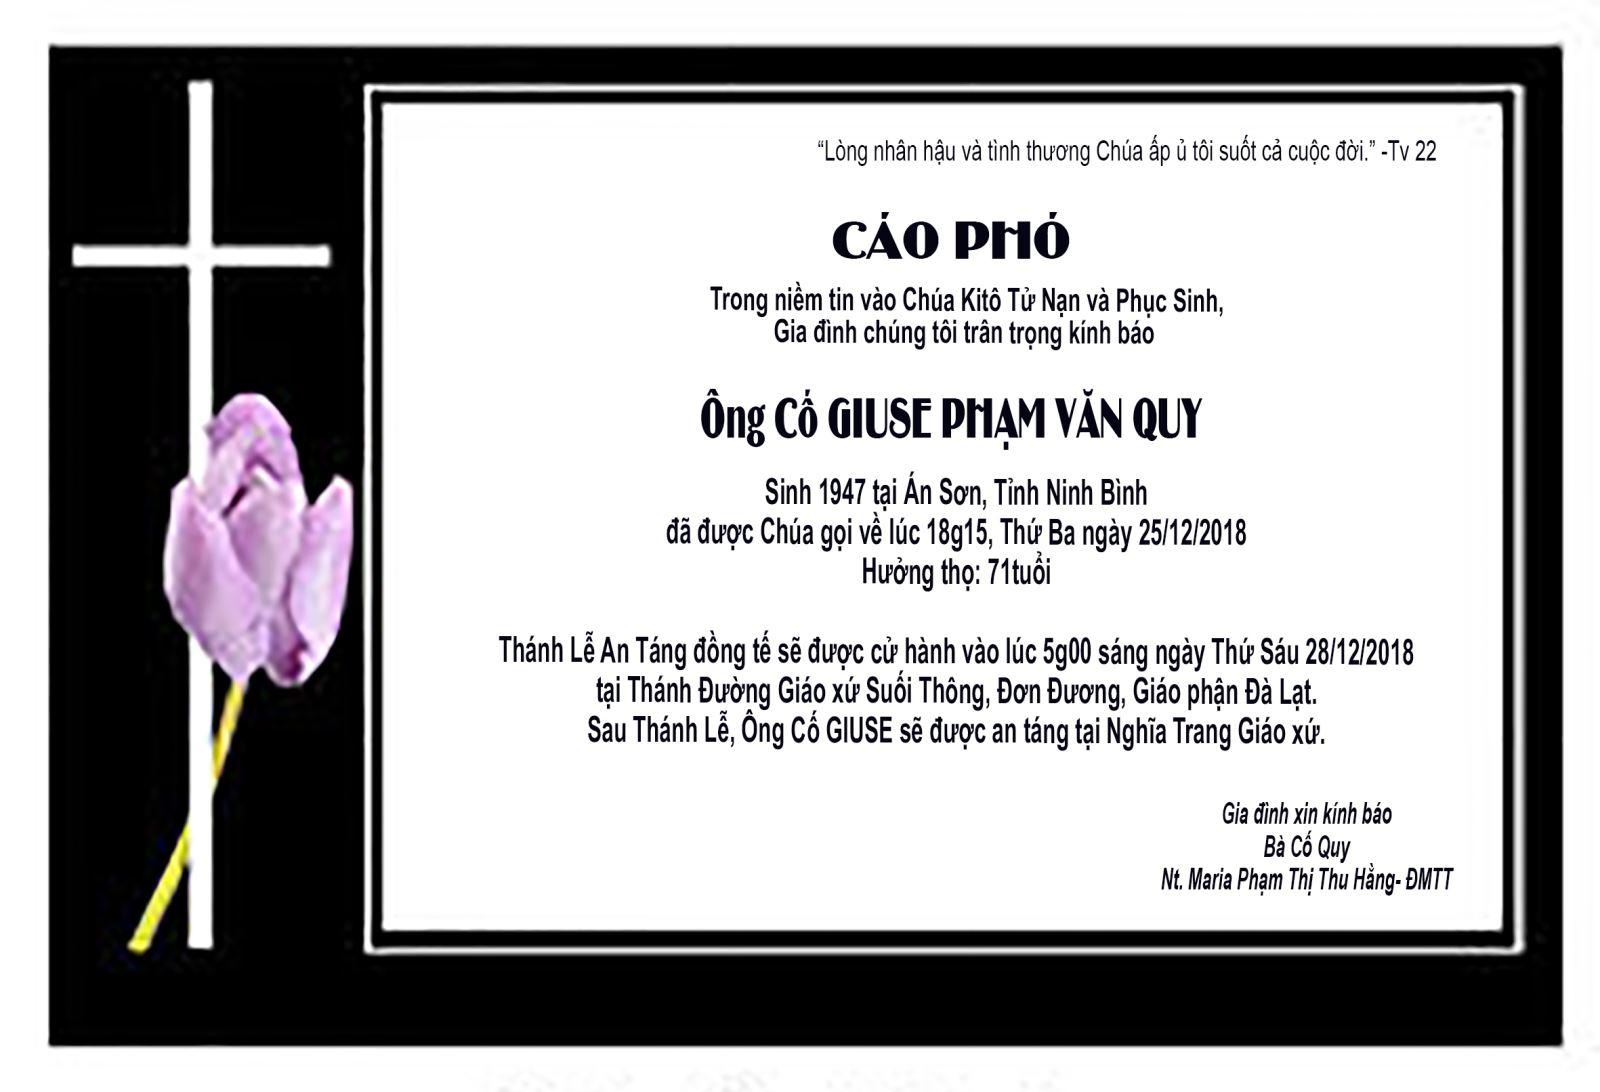 Ai Tín: Ông Cố GIUSE PHẠM VĂN QUY- Thân Phụ Nữ tu Maria Phạm Thị Thu Hằng qua đời.